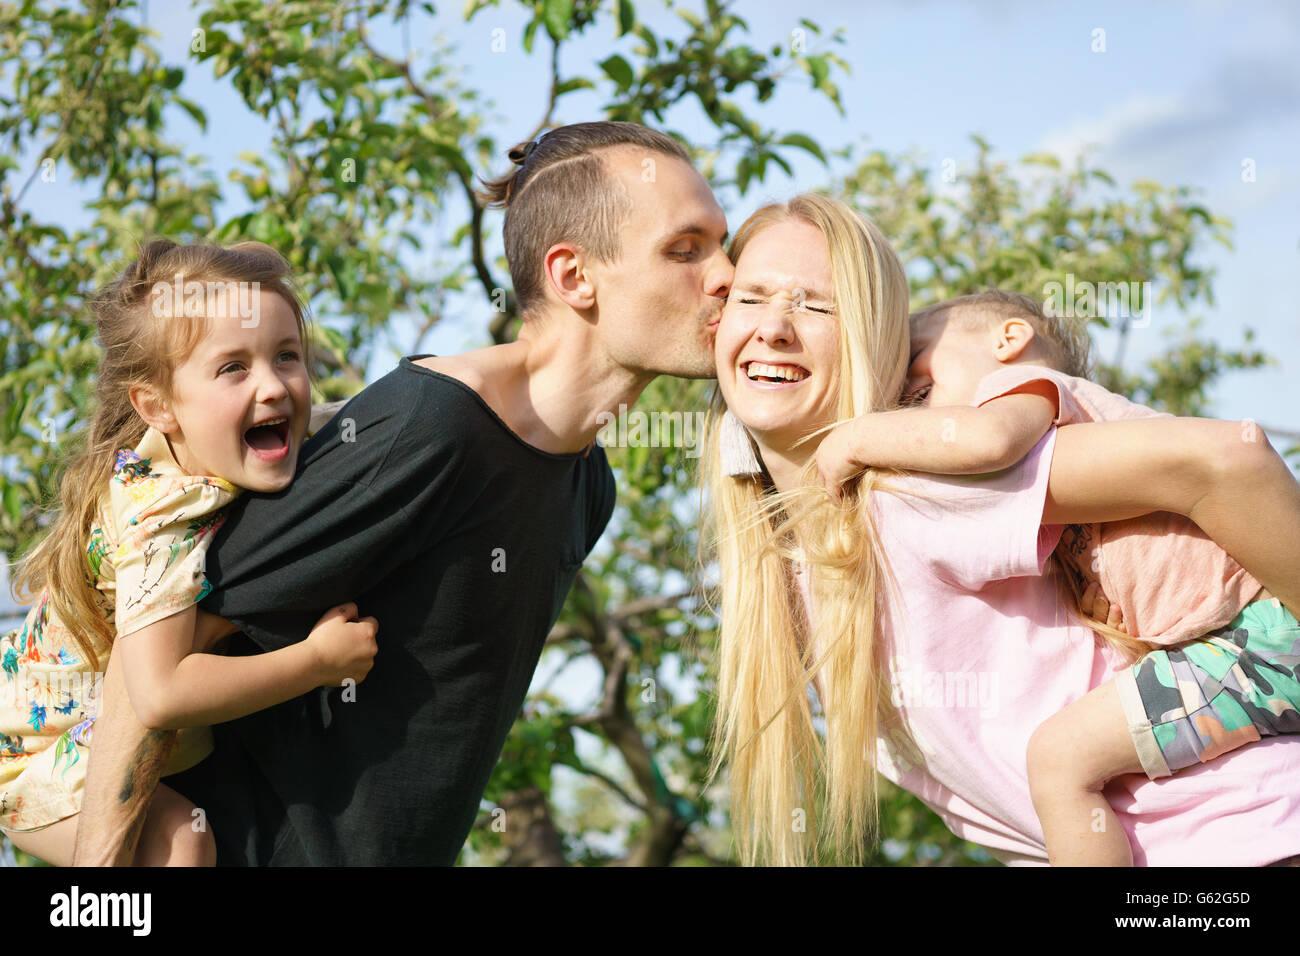 Ritratto di una famiglia felice all'aperto Immagini Stock